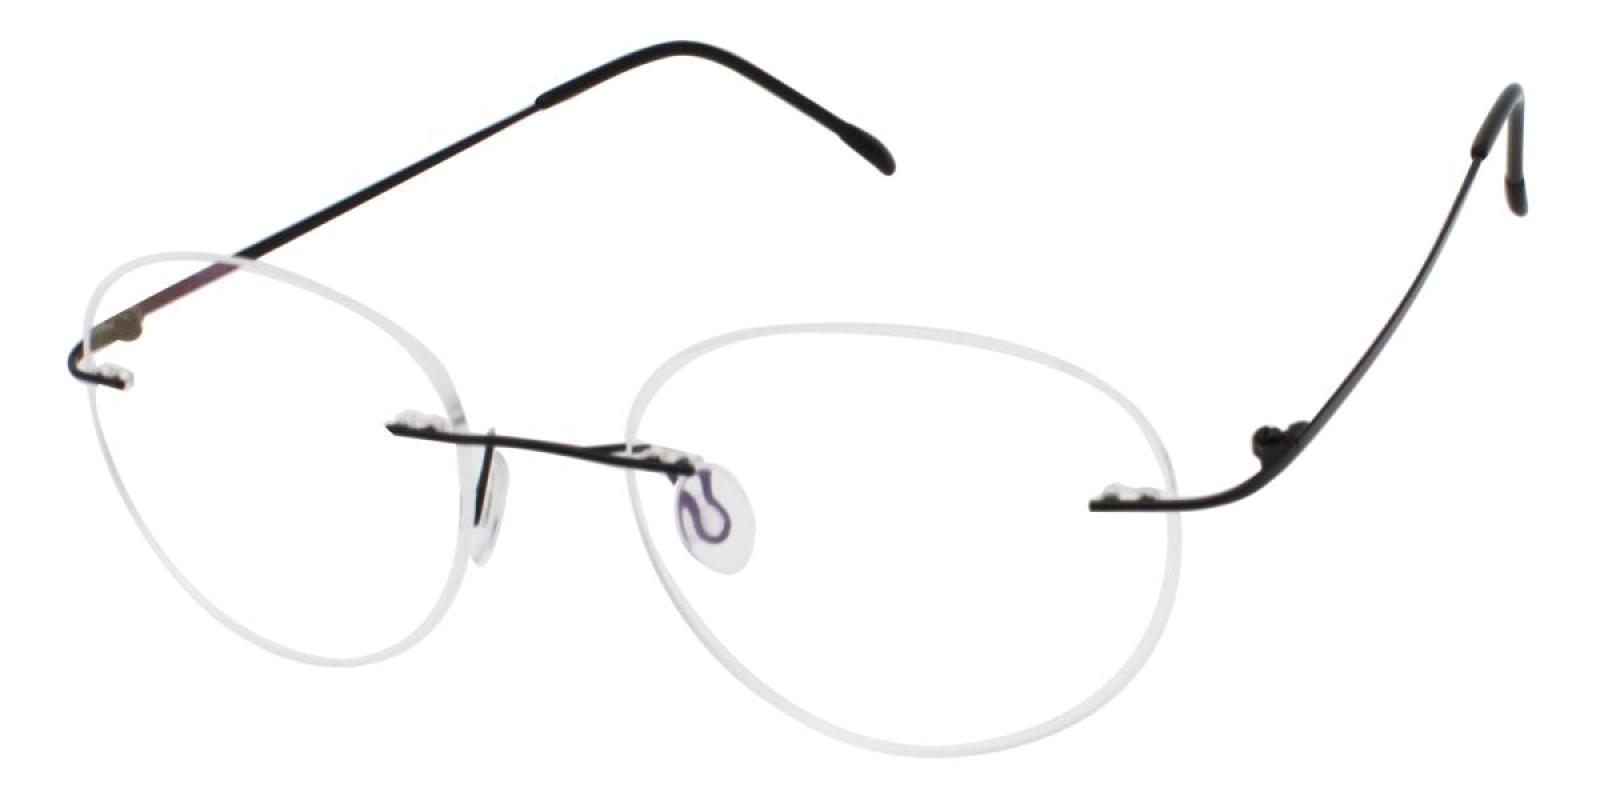 Ditto-Black-Varieties-Metal-Eyeglasses-additional1